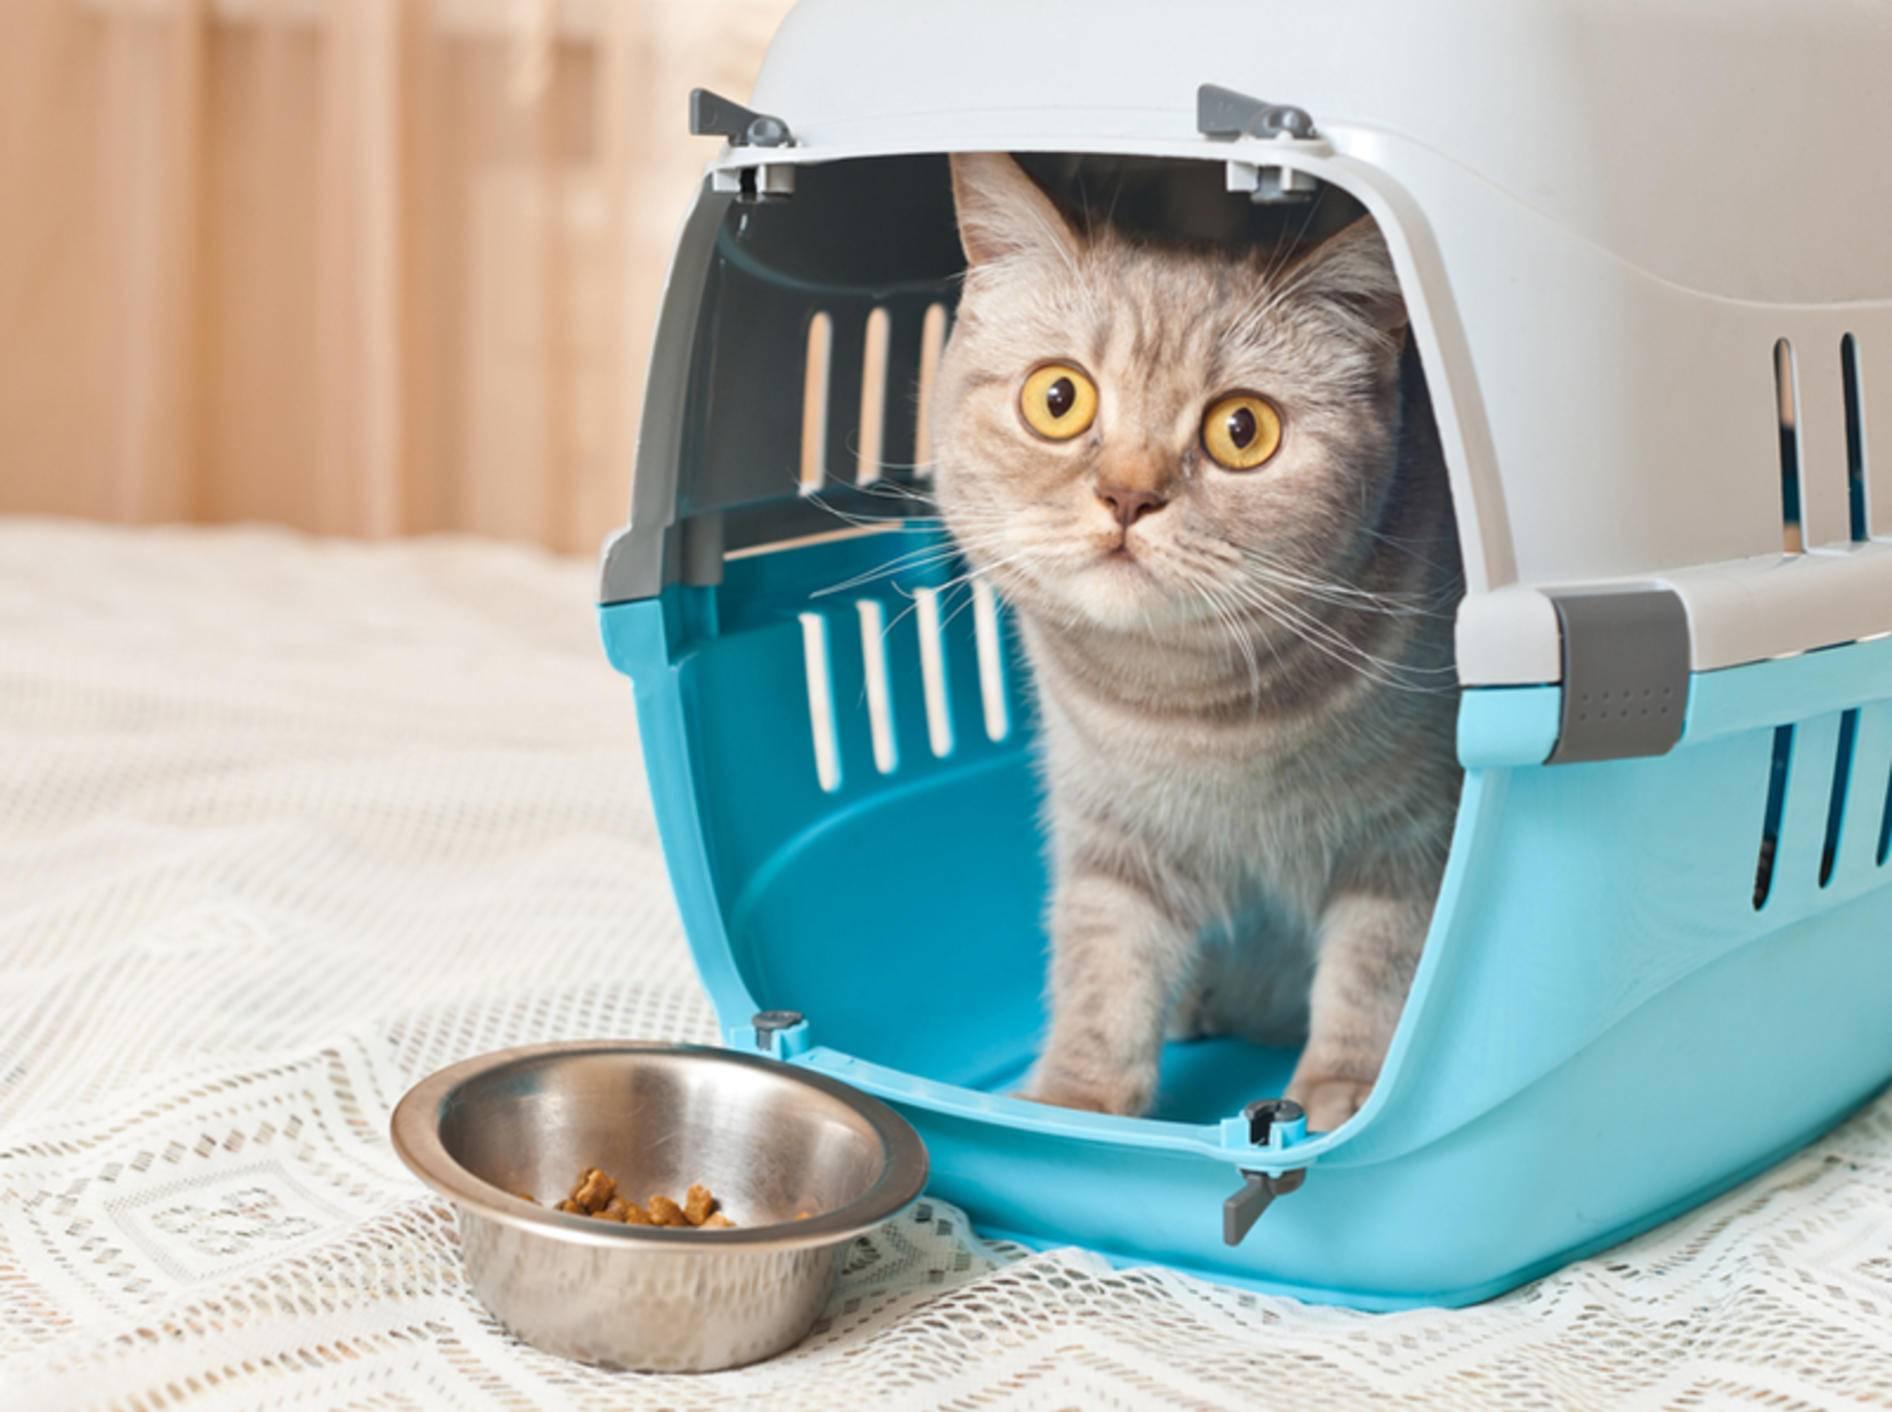 Die Urlaubsfrage: Transport zur Katzenpension oder doch lieber ein Katzensitter zu Hause? – Bild: Shutterstock / photo_master2000